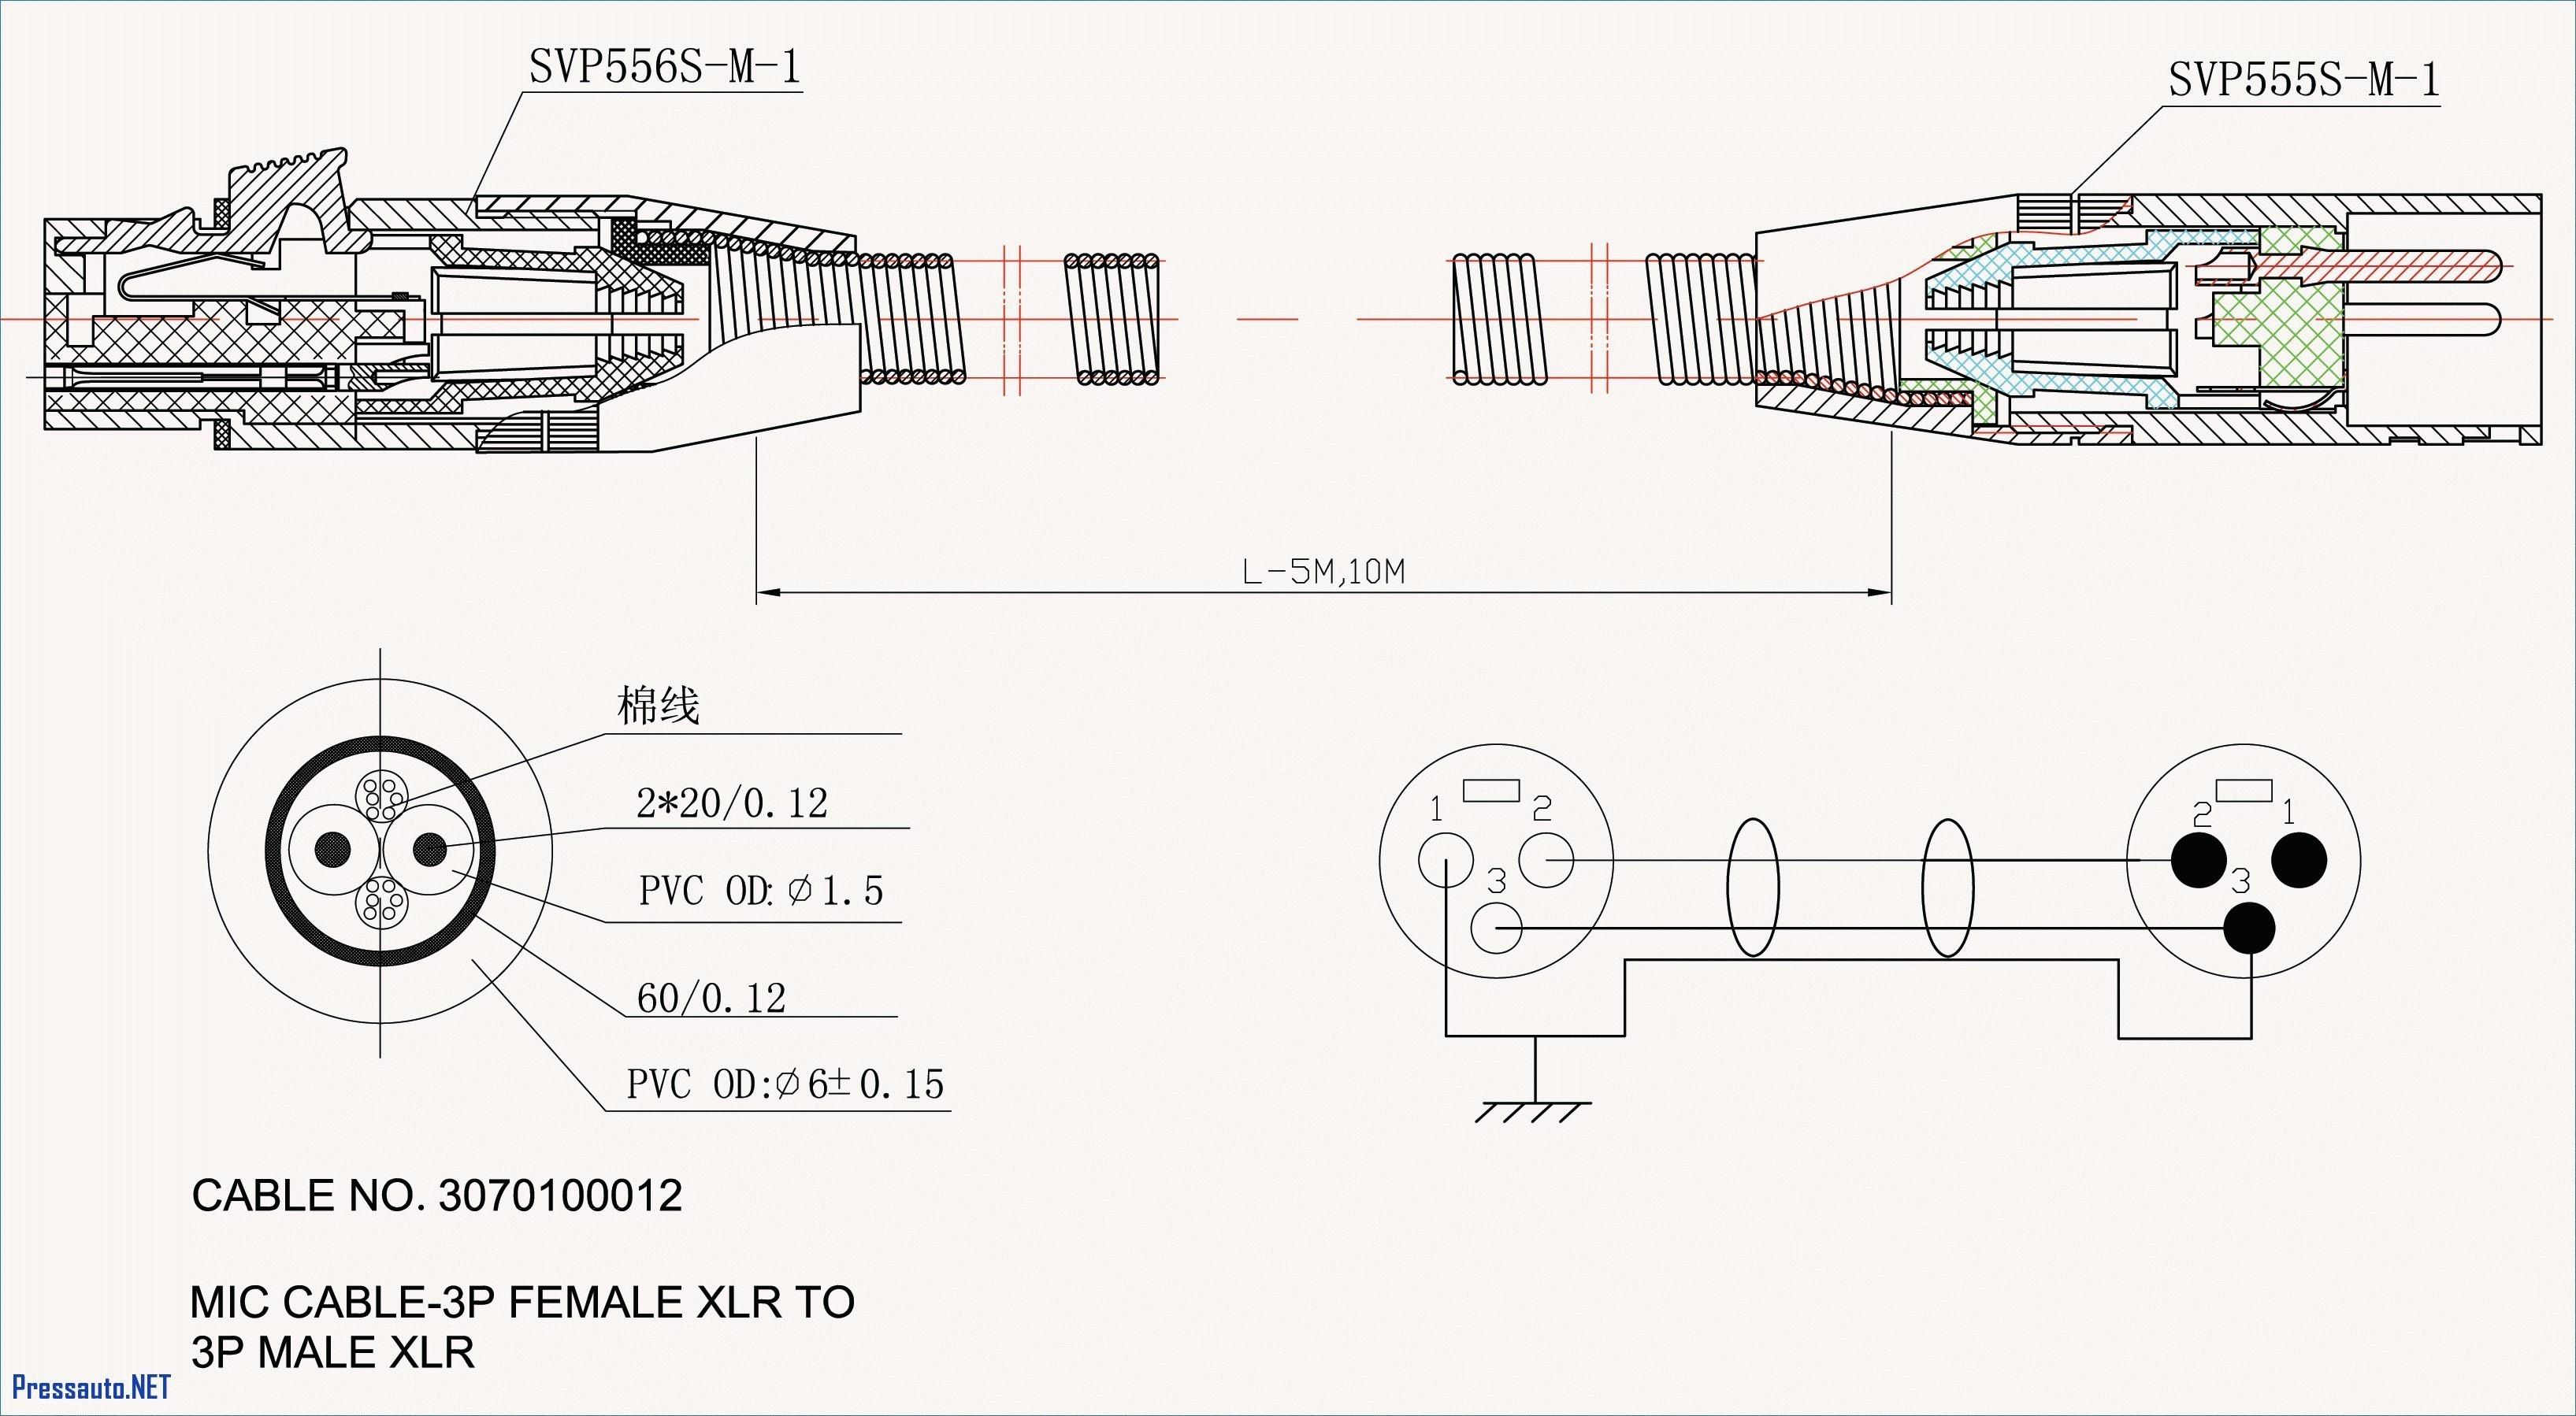 5 9 Cummins Engine Diagram Rx 350 Amplifier Wiring Diagram Refrence Hatz Diesel Engine Wiring Of 5 9 Cummins Engine Diagram